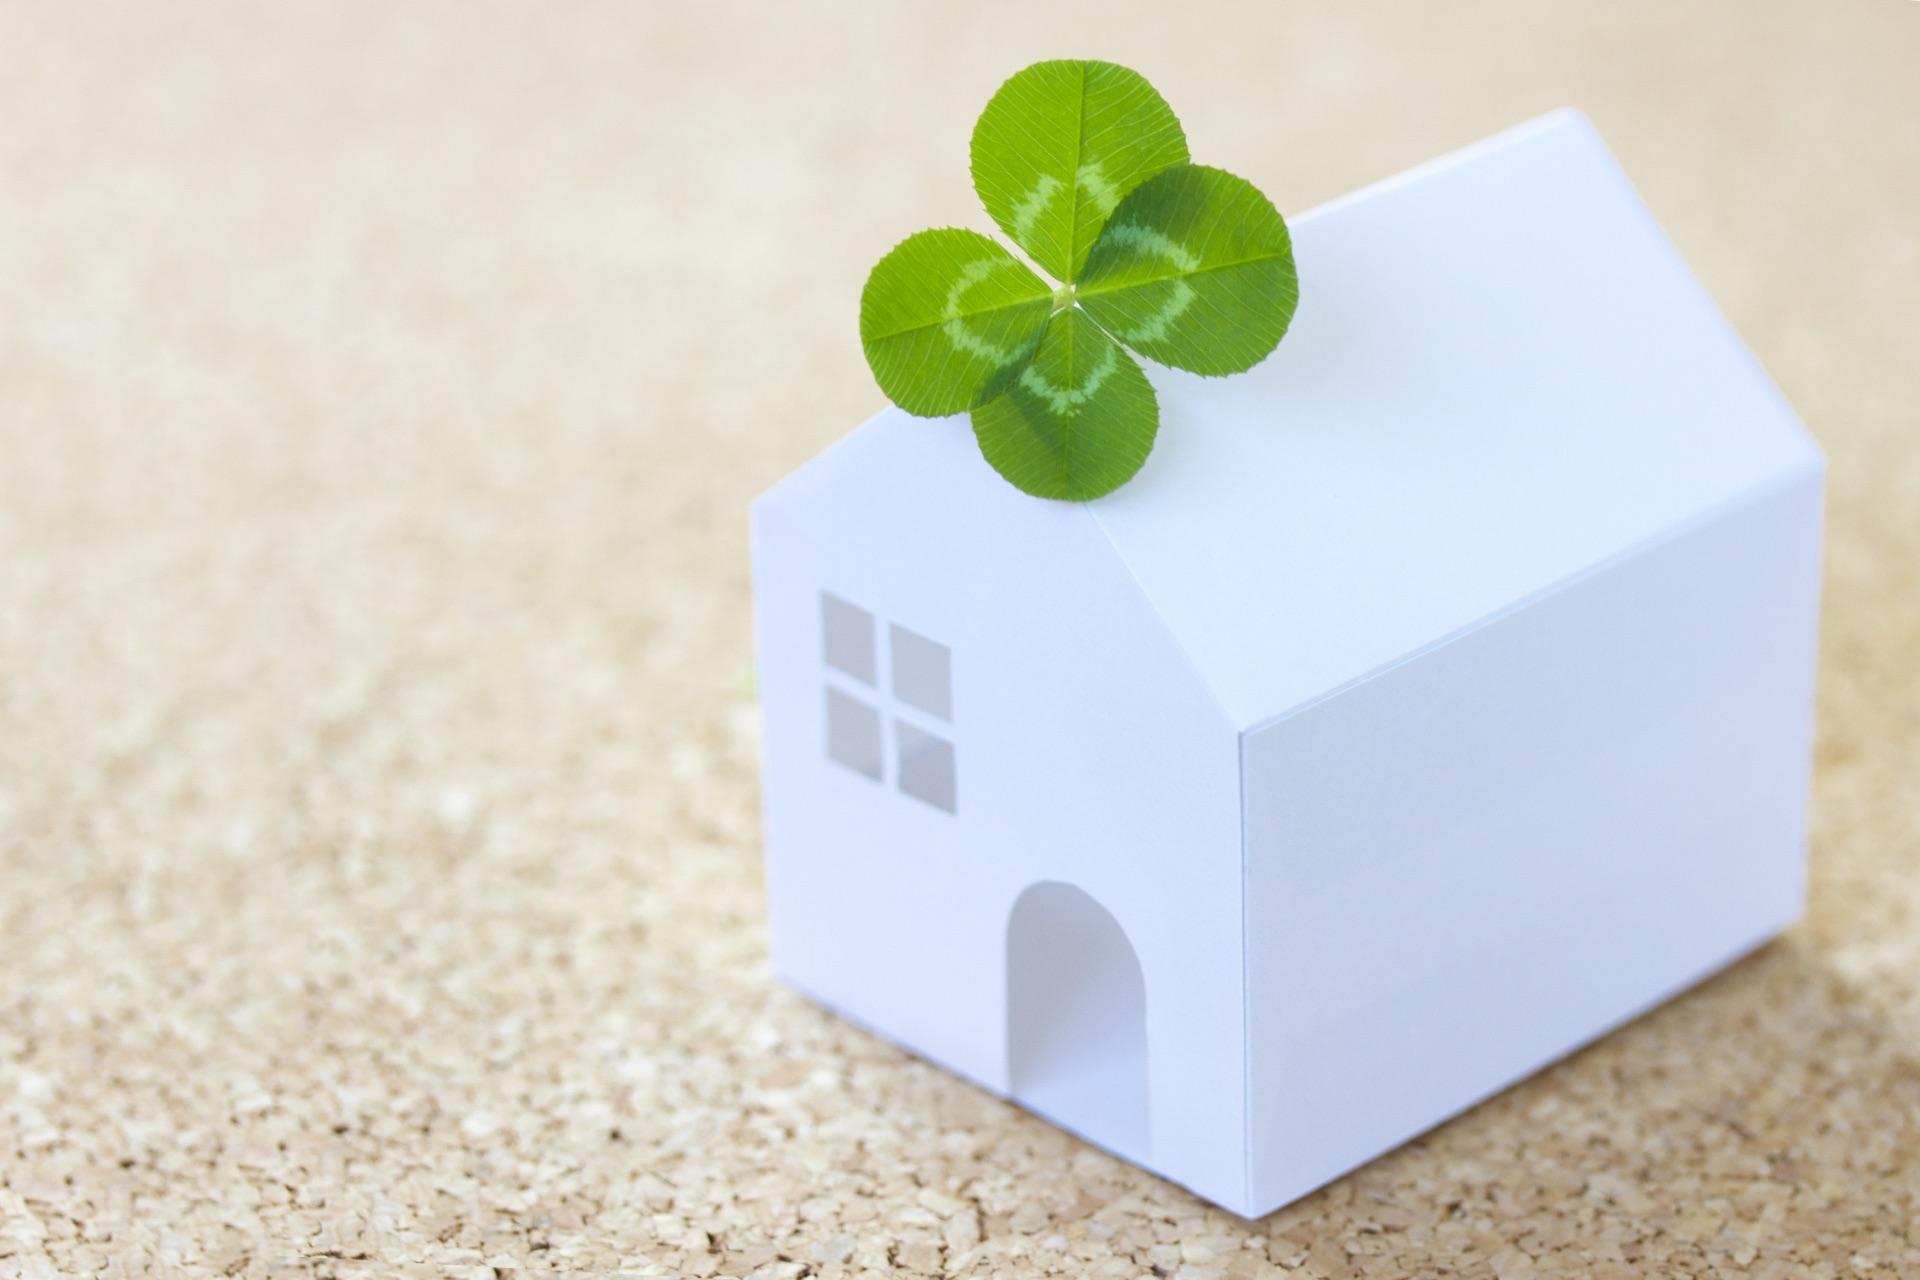 高齢者の一人暮らしが増える中、住居について考える